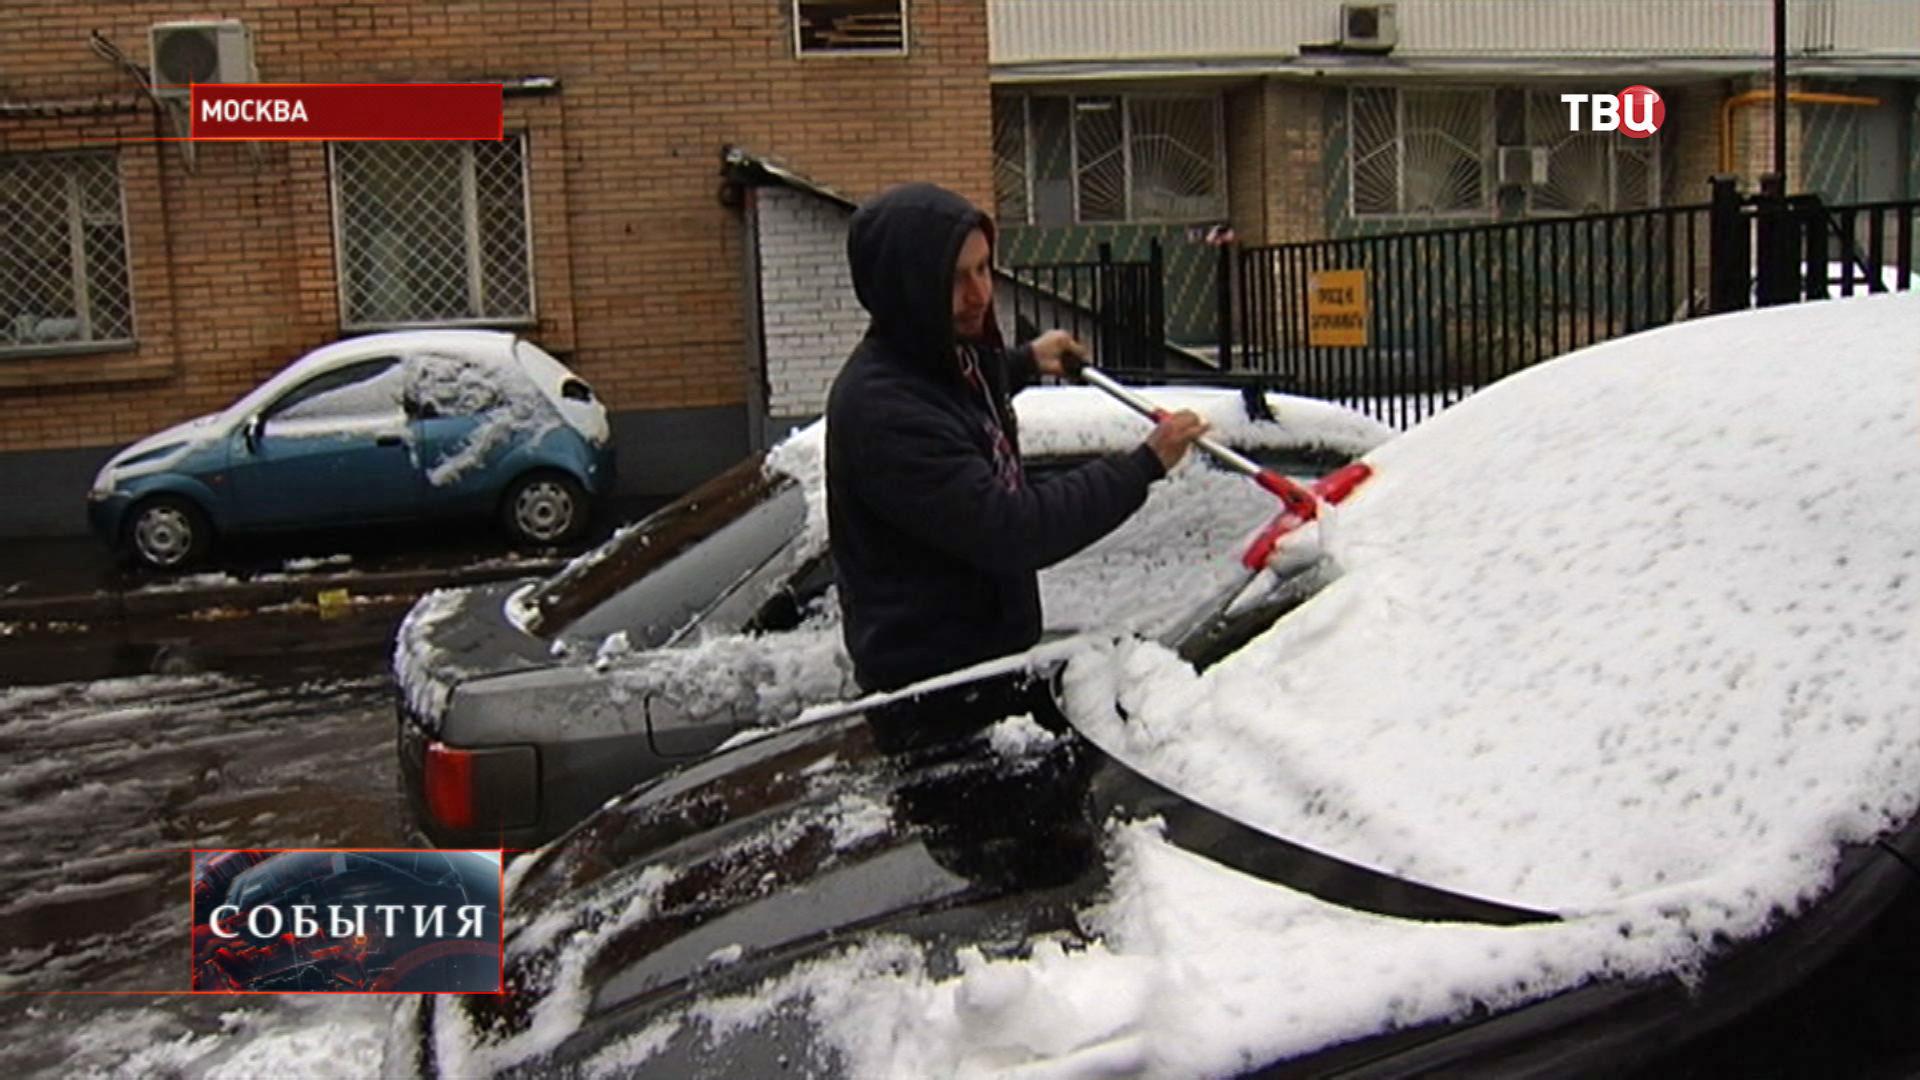 Мужчина чистит машину от снега